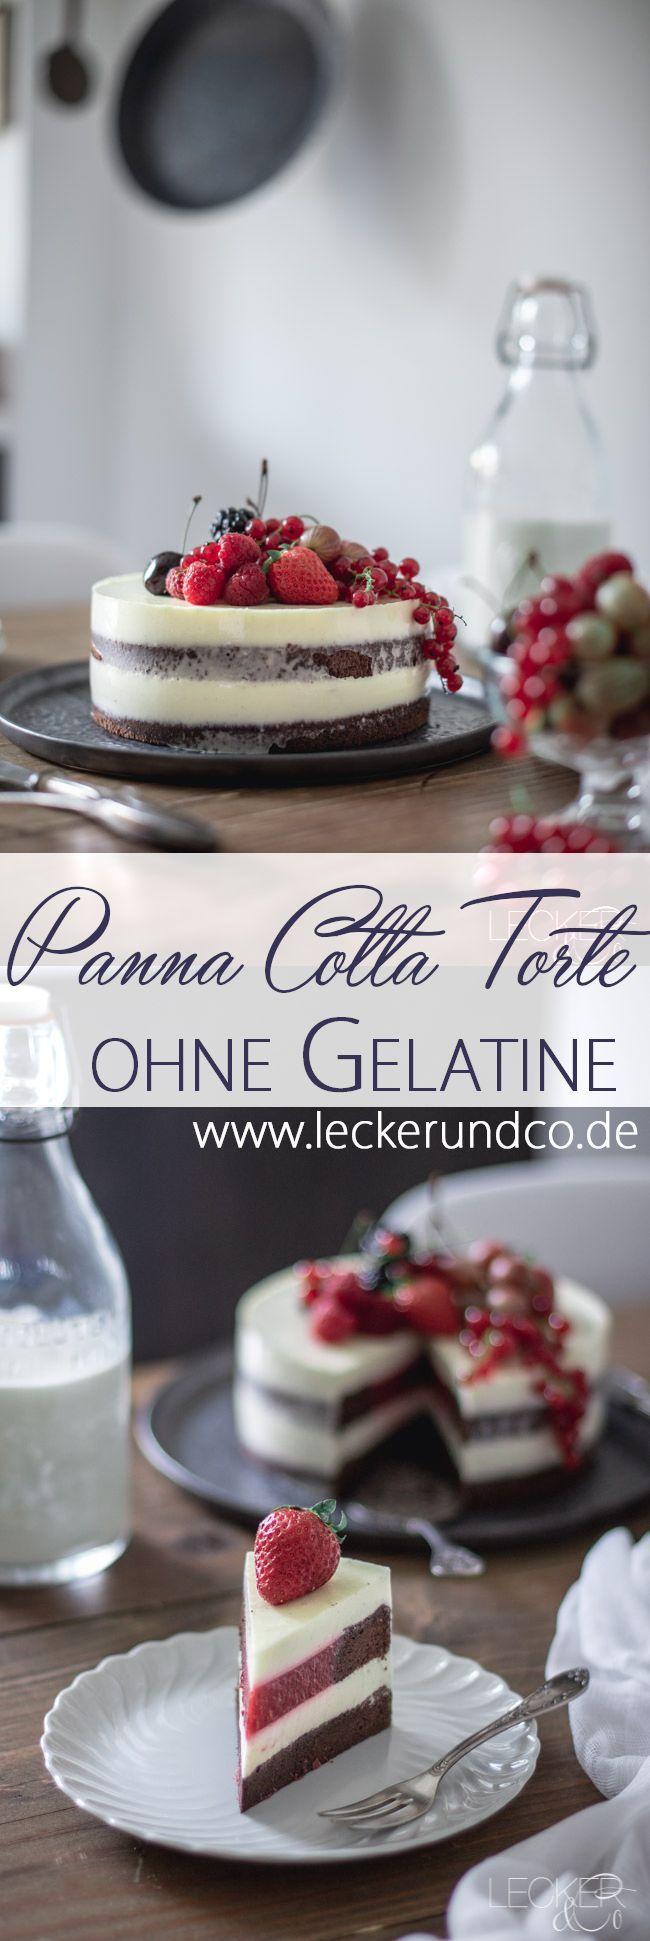 Panna Cotta Kuchen mit Beeren | ohne gelatine   – Rezepte: Kuchen & Torten